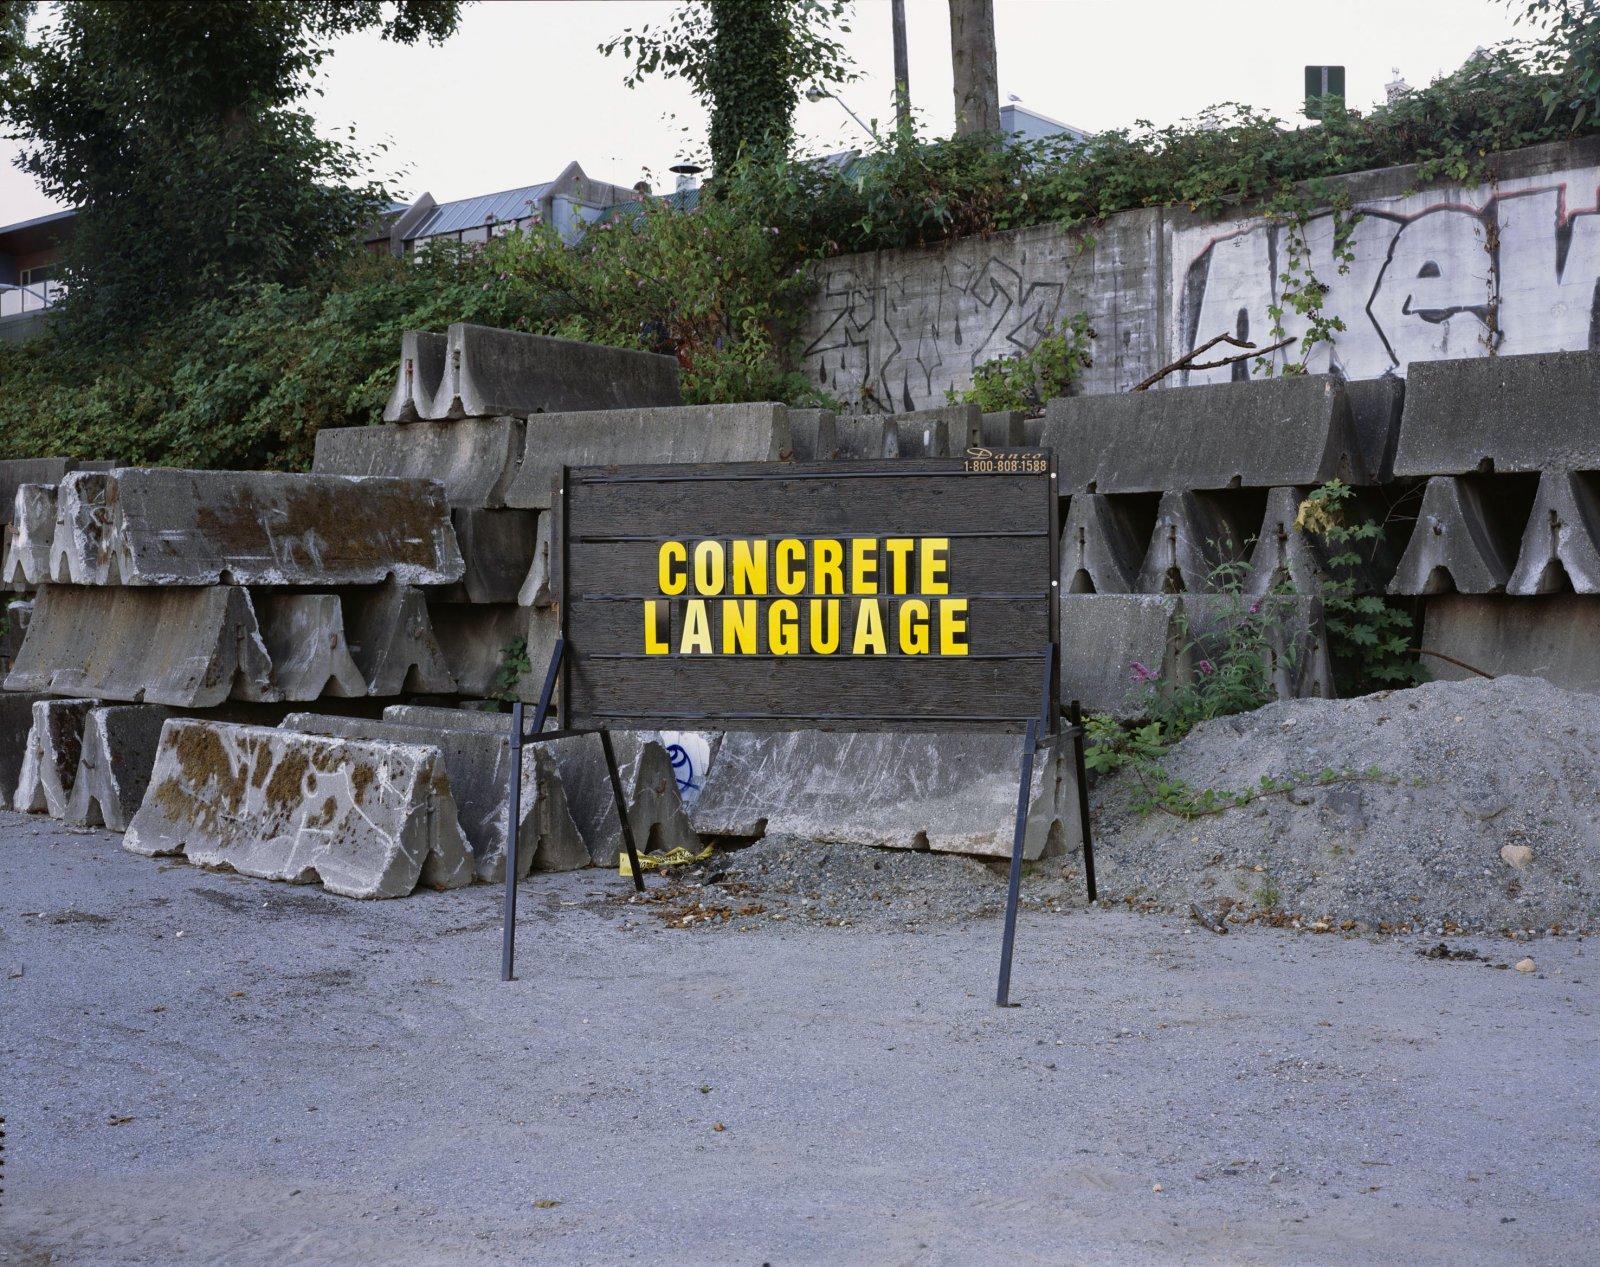 Ron Terada,Concrete Language, 2006, pigment ink print, 44 x 55 in. (112 x 140 cm)